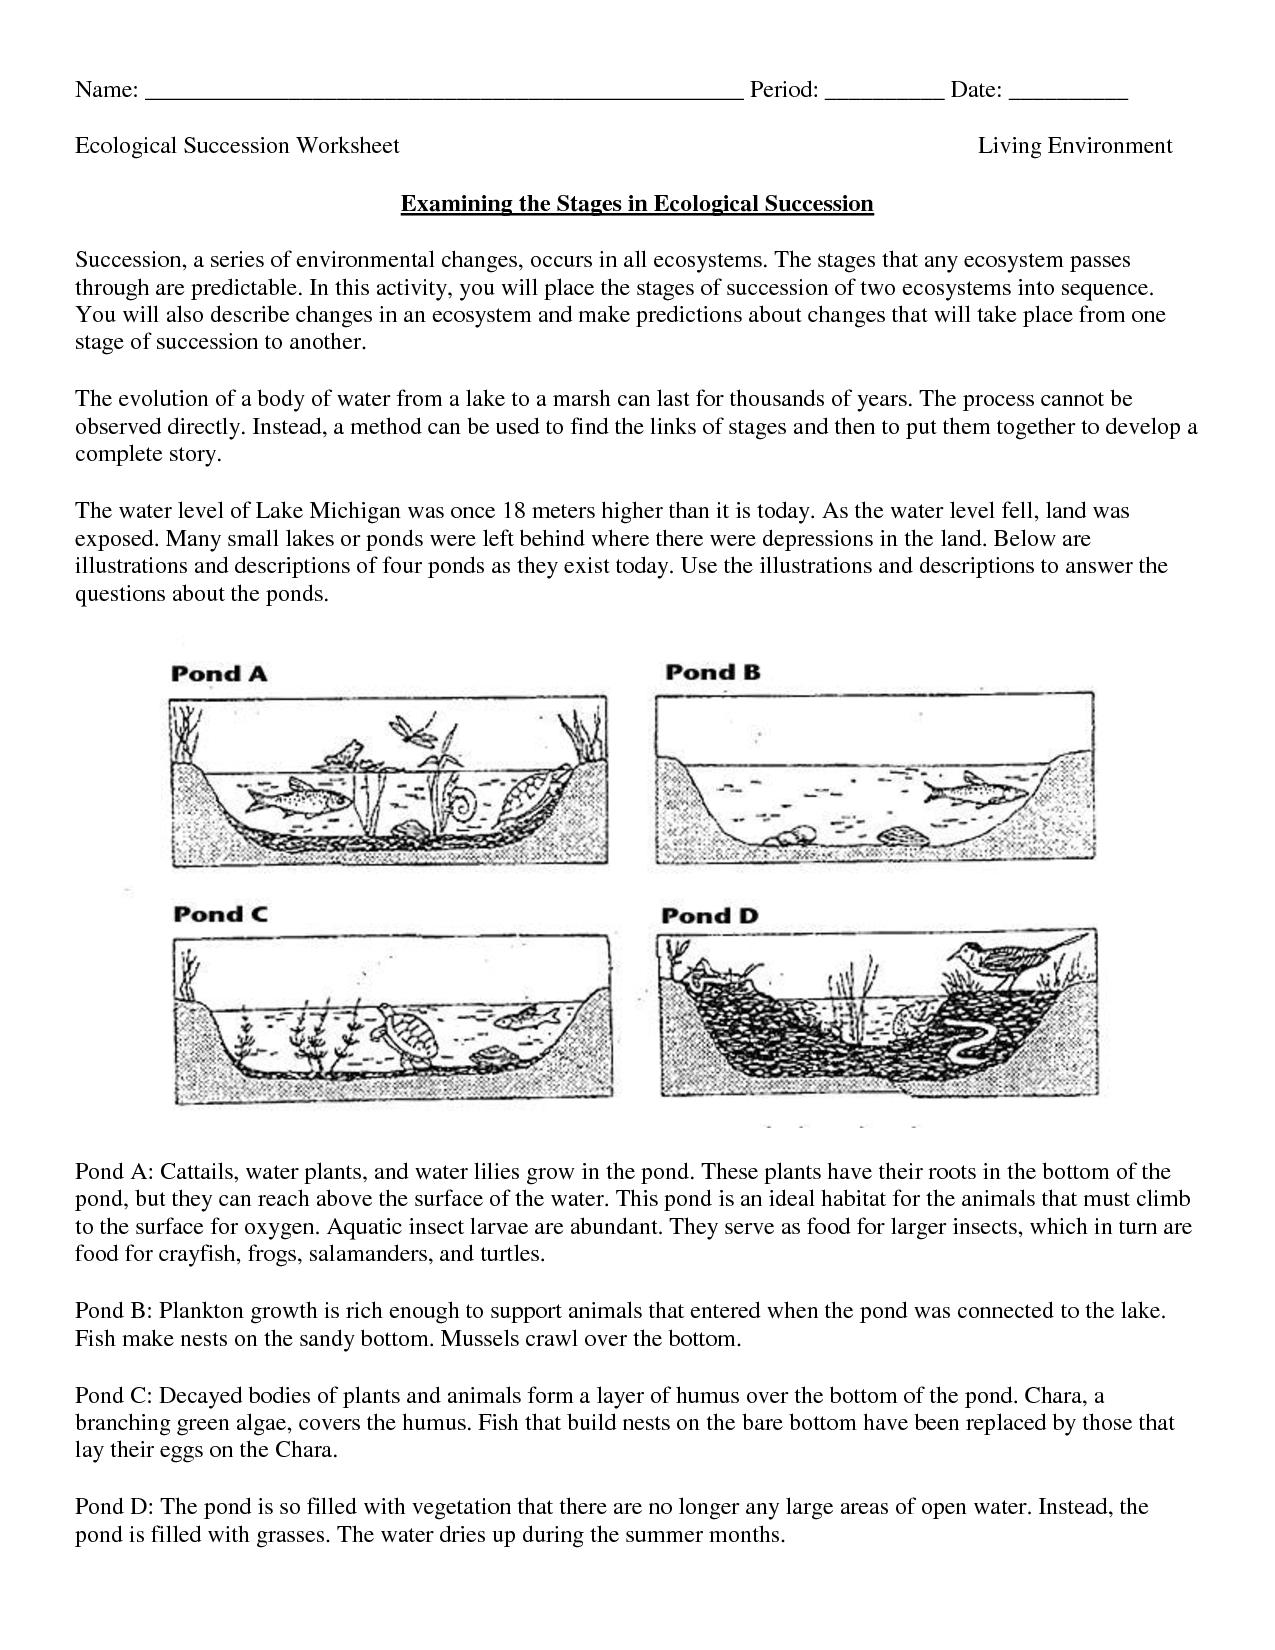 Science Worksheets Ecosystem | Biology Worksheet - Get Now Doc | Free Printable Biology Worksheets For High School